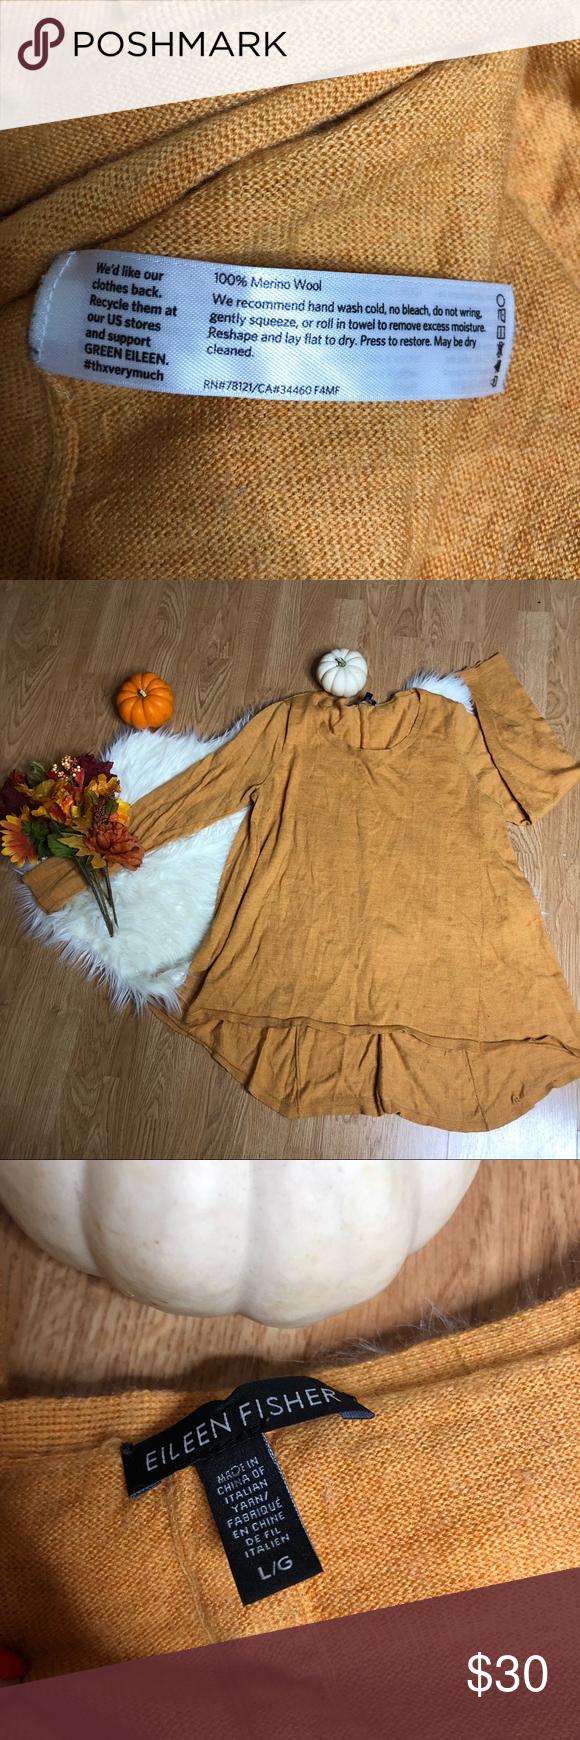 Eileen Fisher 100 Merino wool sweater size L Eileen